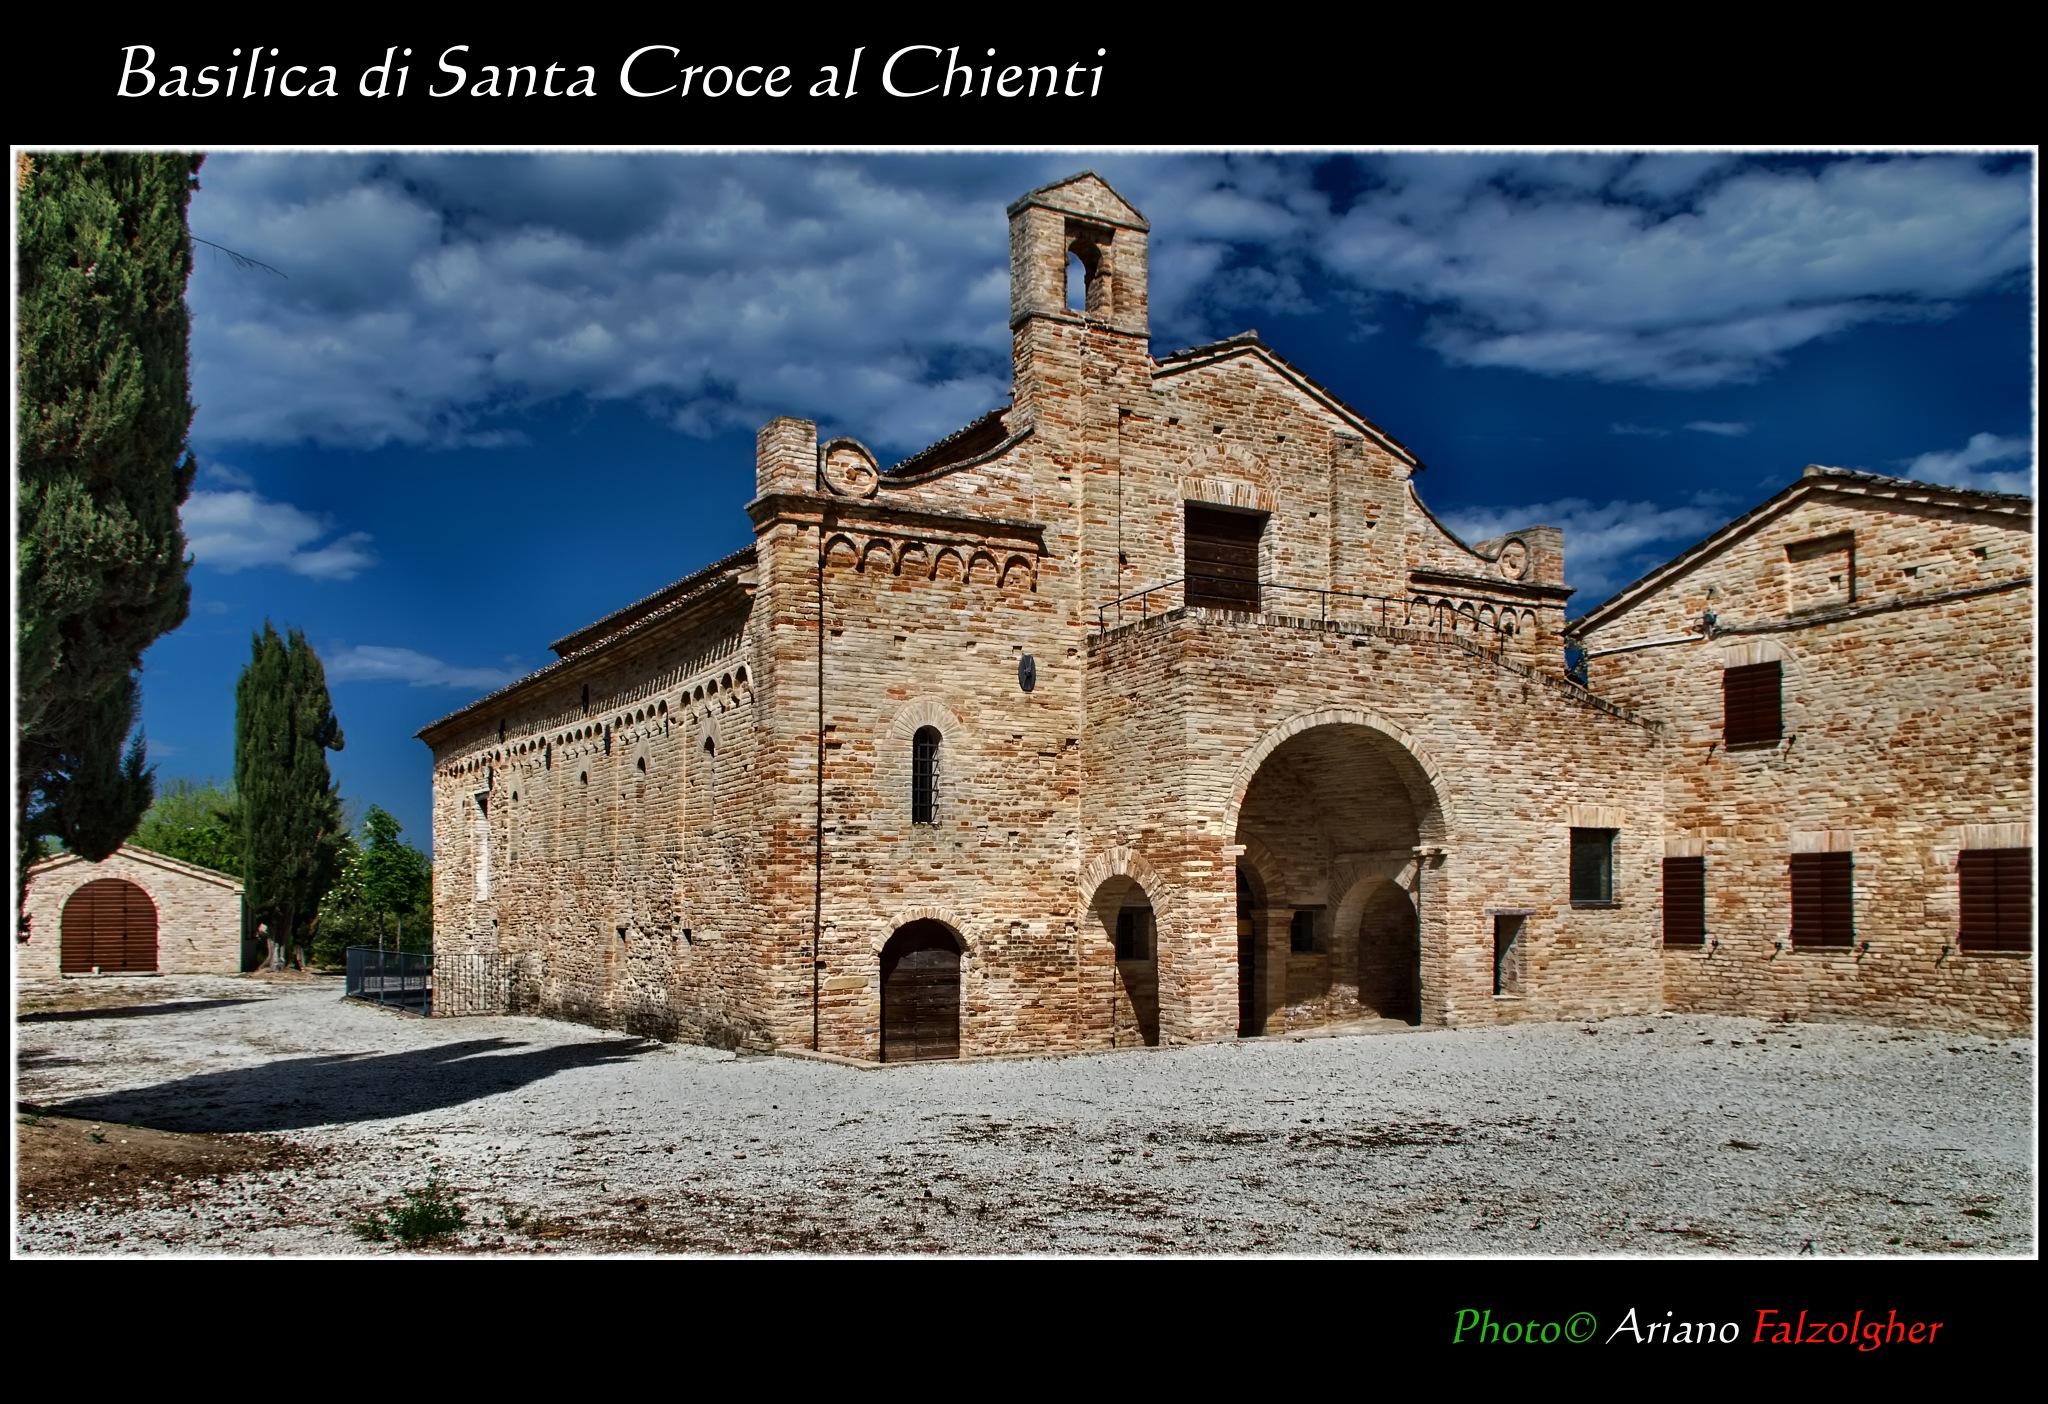 Basilica imperiale di Santa Croce al Chienti by Ariano Falzolgher